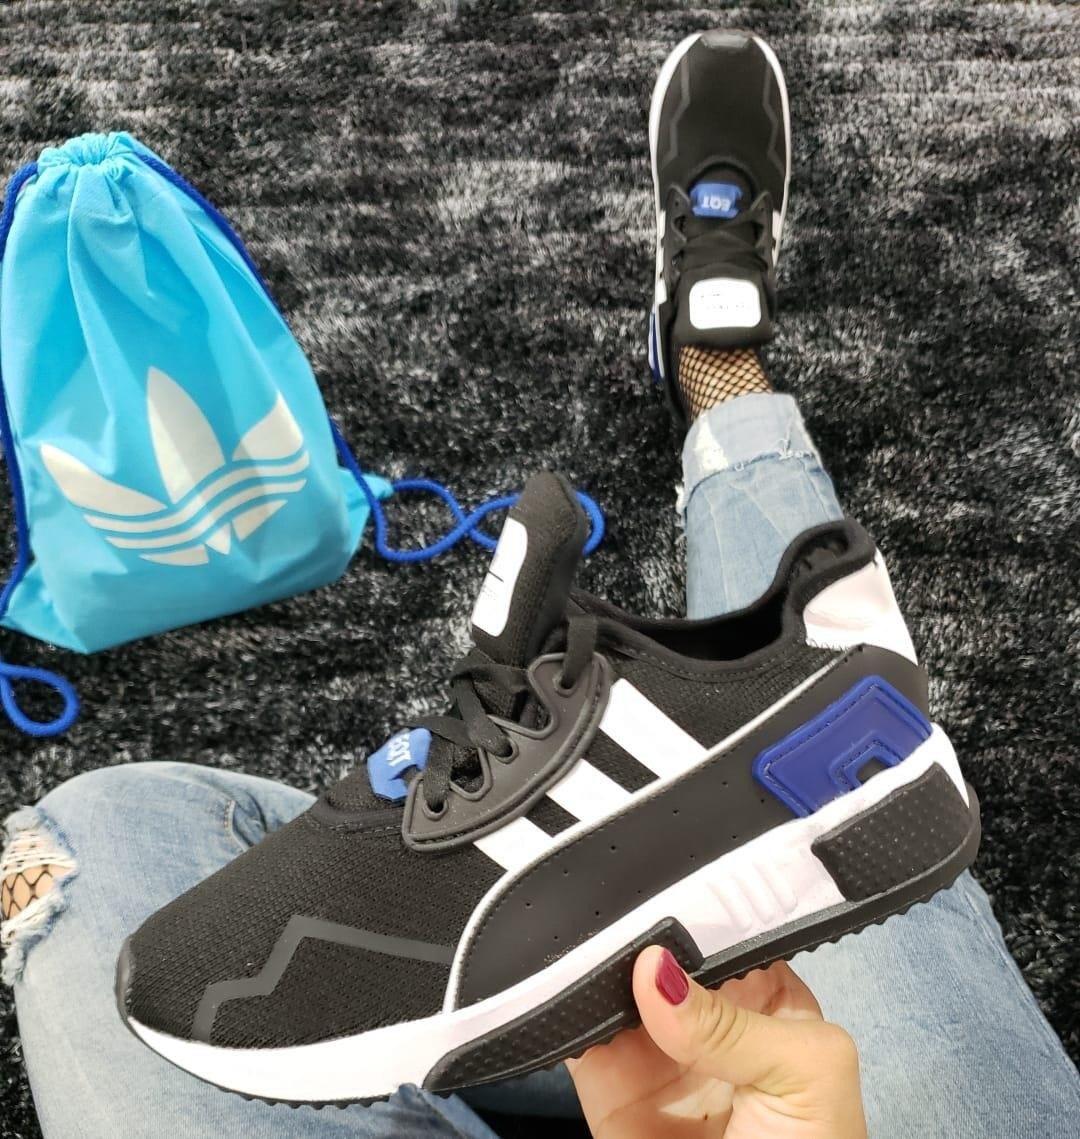 Zapatos adidas Eqt 2 Unisex -   80.000 en Mercado Libre 67a86d15b18f0